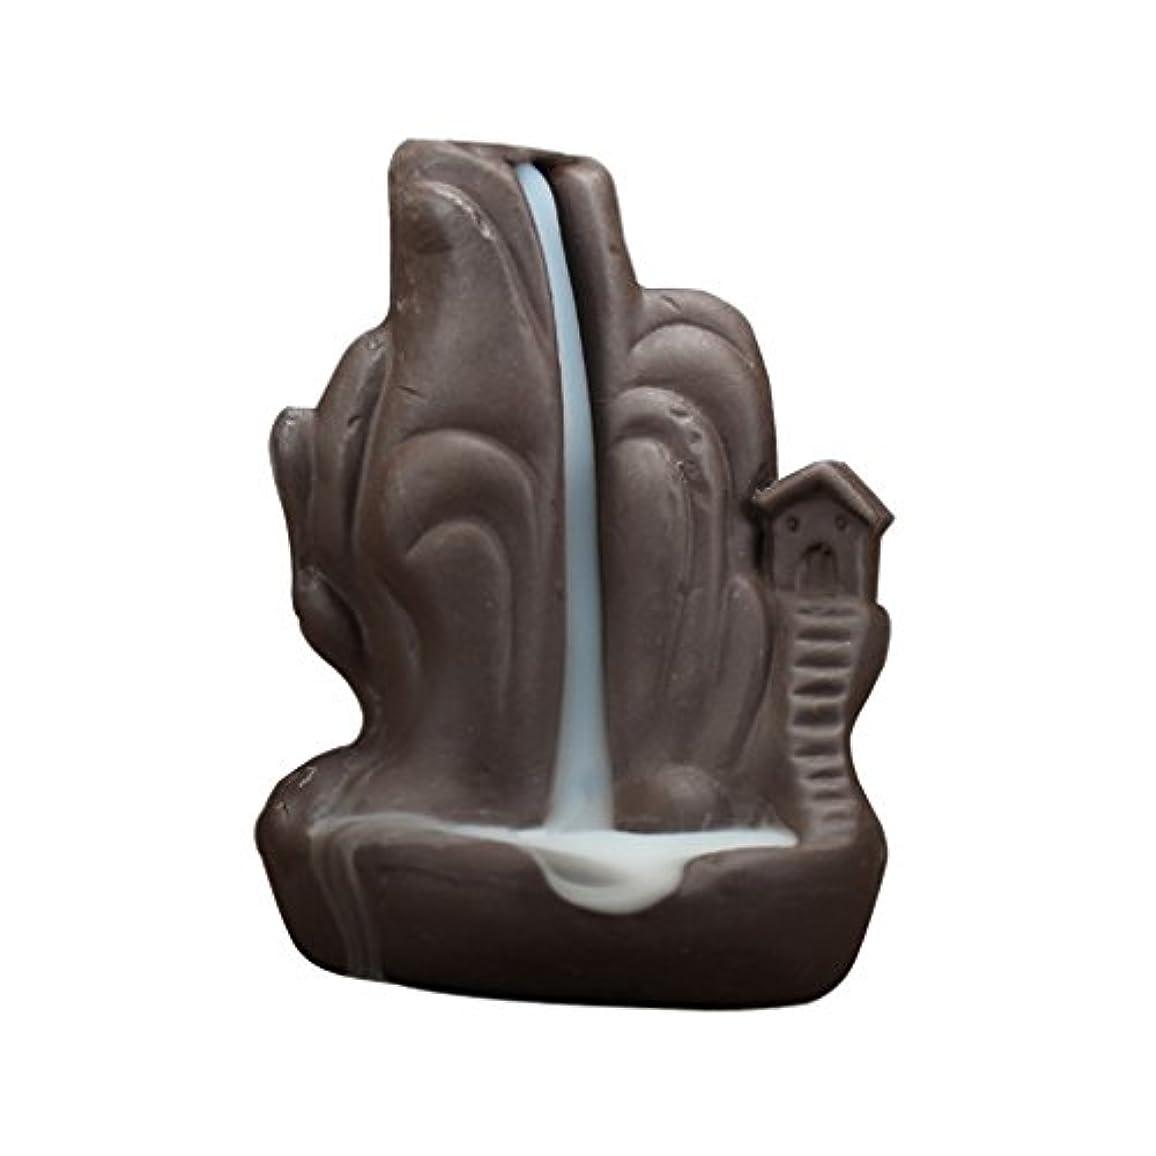 サッカーペルメルベアリング全4種 繊細 絶妙 デザイン 磁器 逆流香 香炉 仏壇 古典的 装飾 - 2#